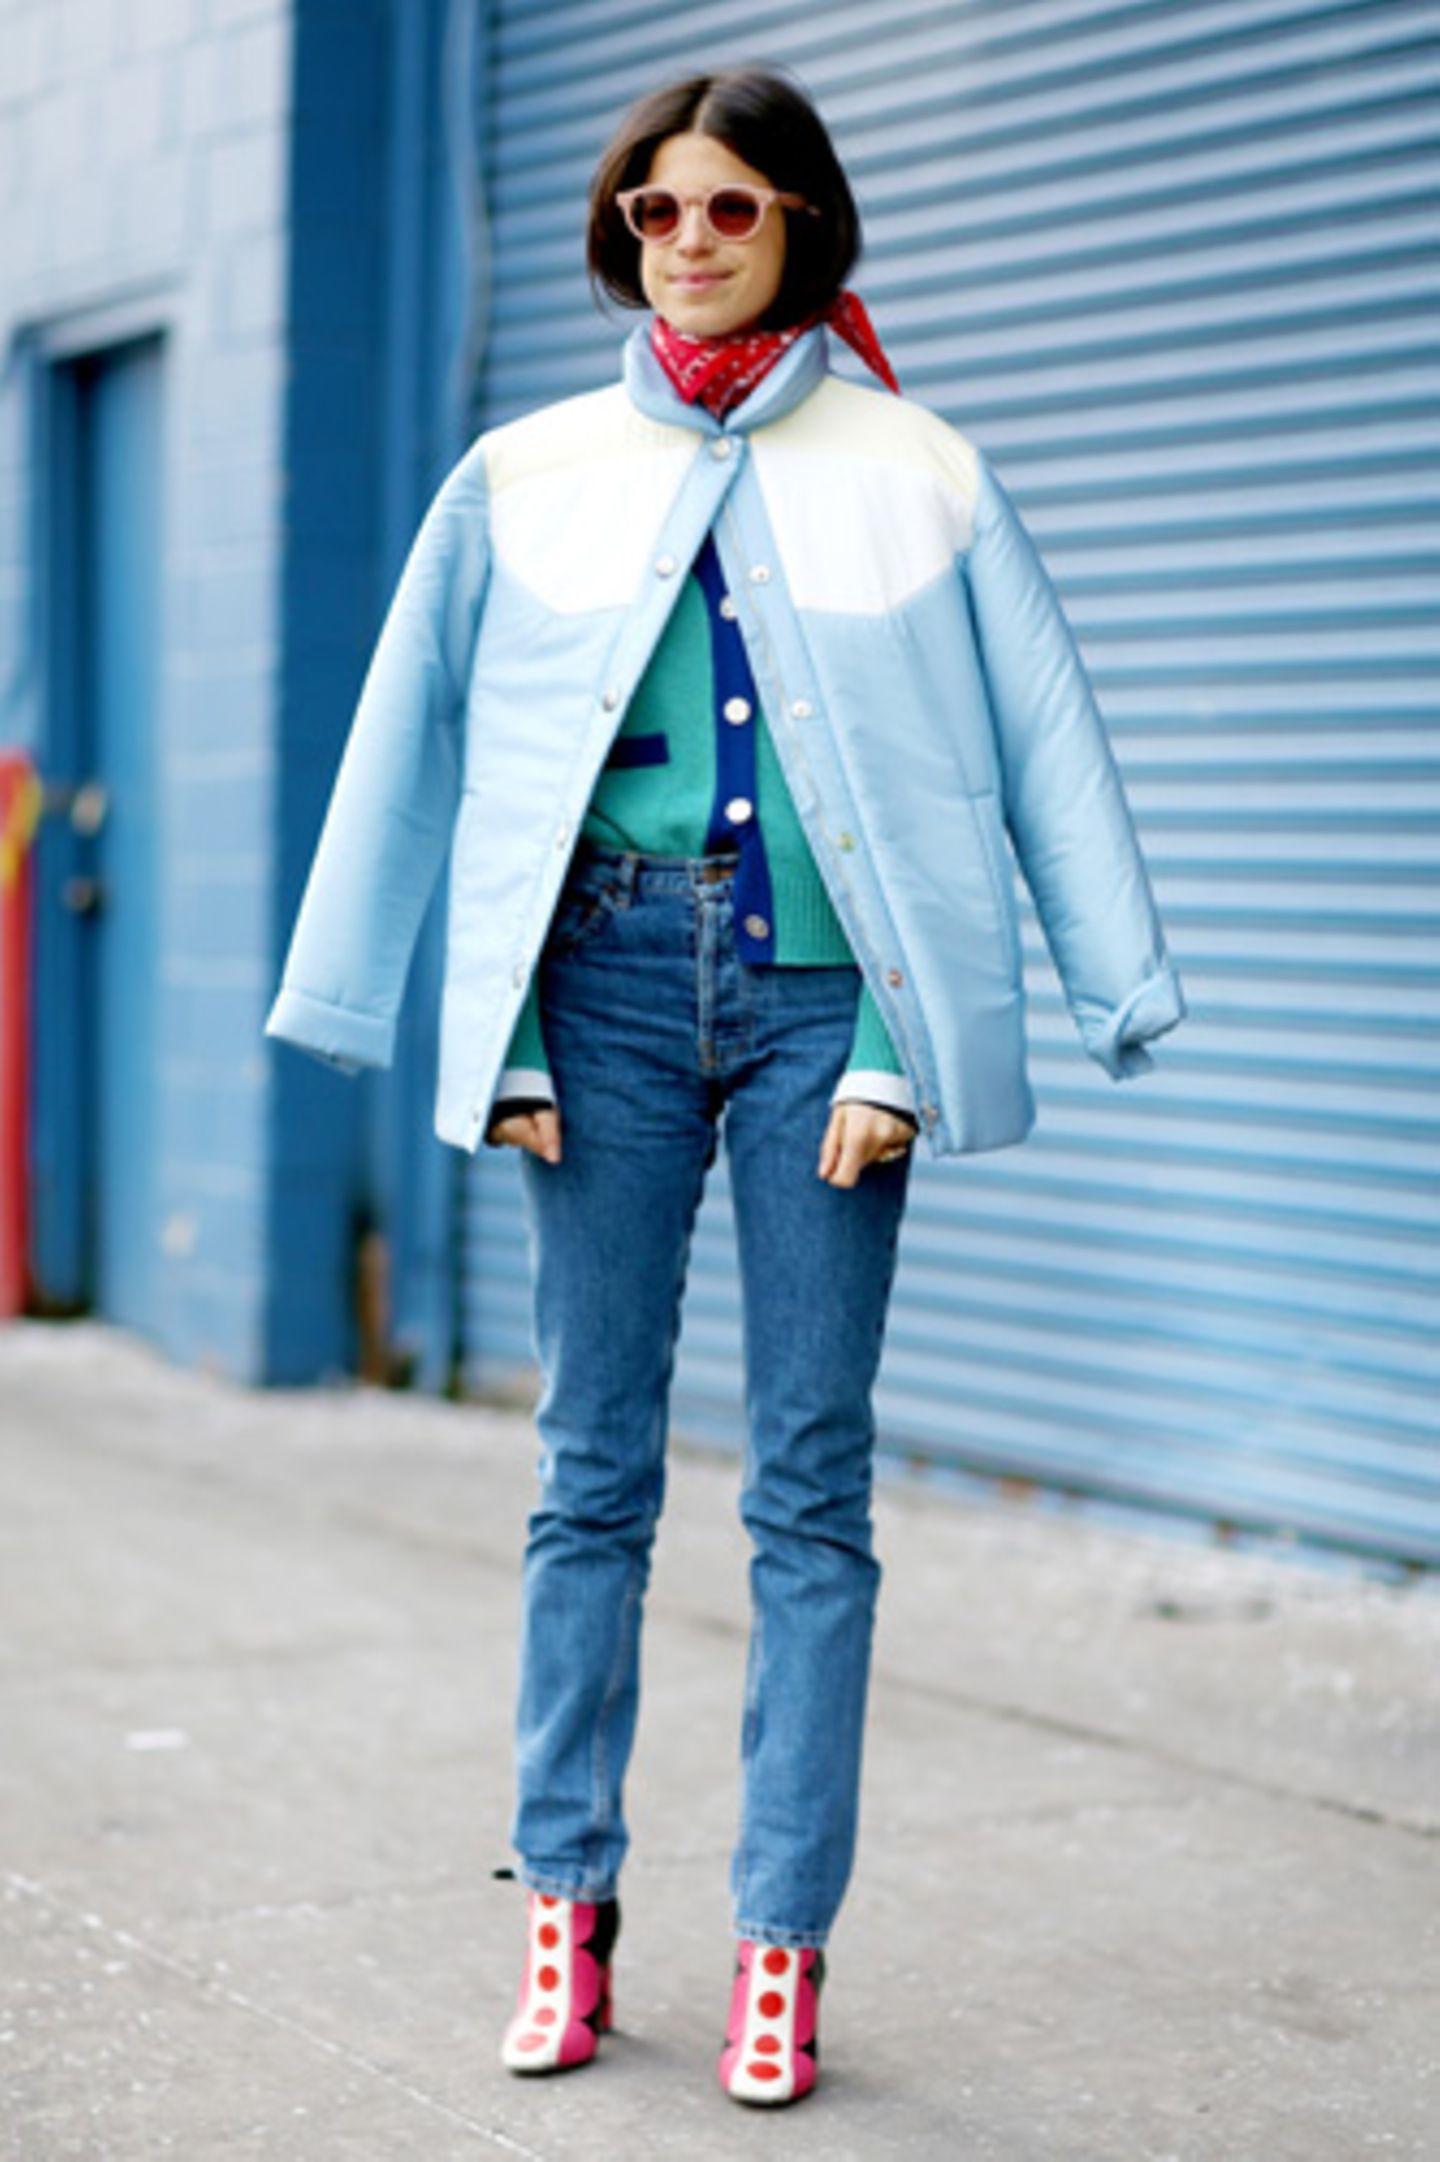 """Die Levi's 501 gibt es bereits seit 1890 und ist immer noch so beliebt, dass Levi's sie dieses Jahr als """"501 CT"""" neu aufgelegt hat. In der Modewelt kam die neue 501 gut an – von New York City bis London war sie während der Fashion Week an vielen Frauen zu sehen. Streetstyle-Fotografin Jessie Bush hielt die verschiedenen Levi's-Jeans-Styles fotografisch fest. Ob sportlich-lässig zu Sneakers kombiniert, cool zu Boots oder feminin zu Pumps oder Sandalen - diese Jeans passt sich jedem Typ an."""